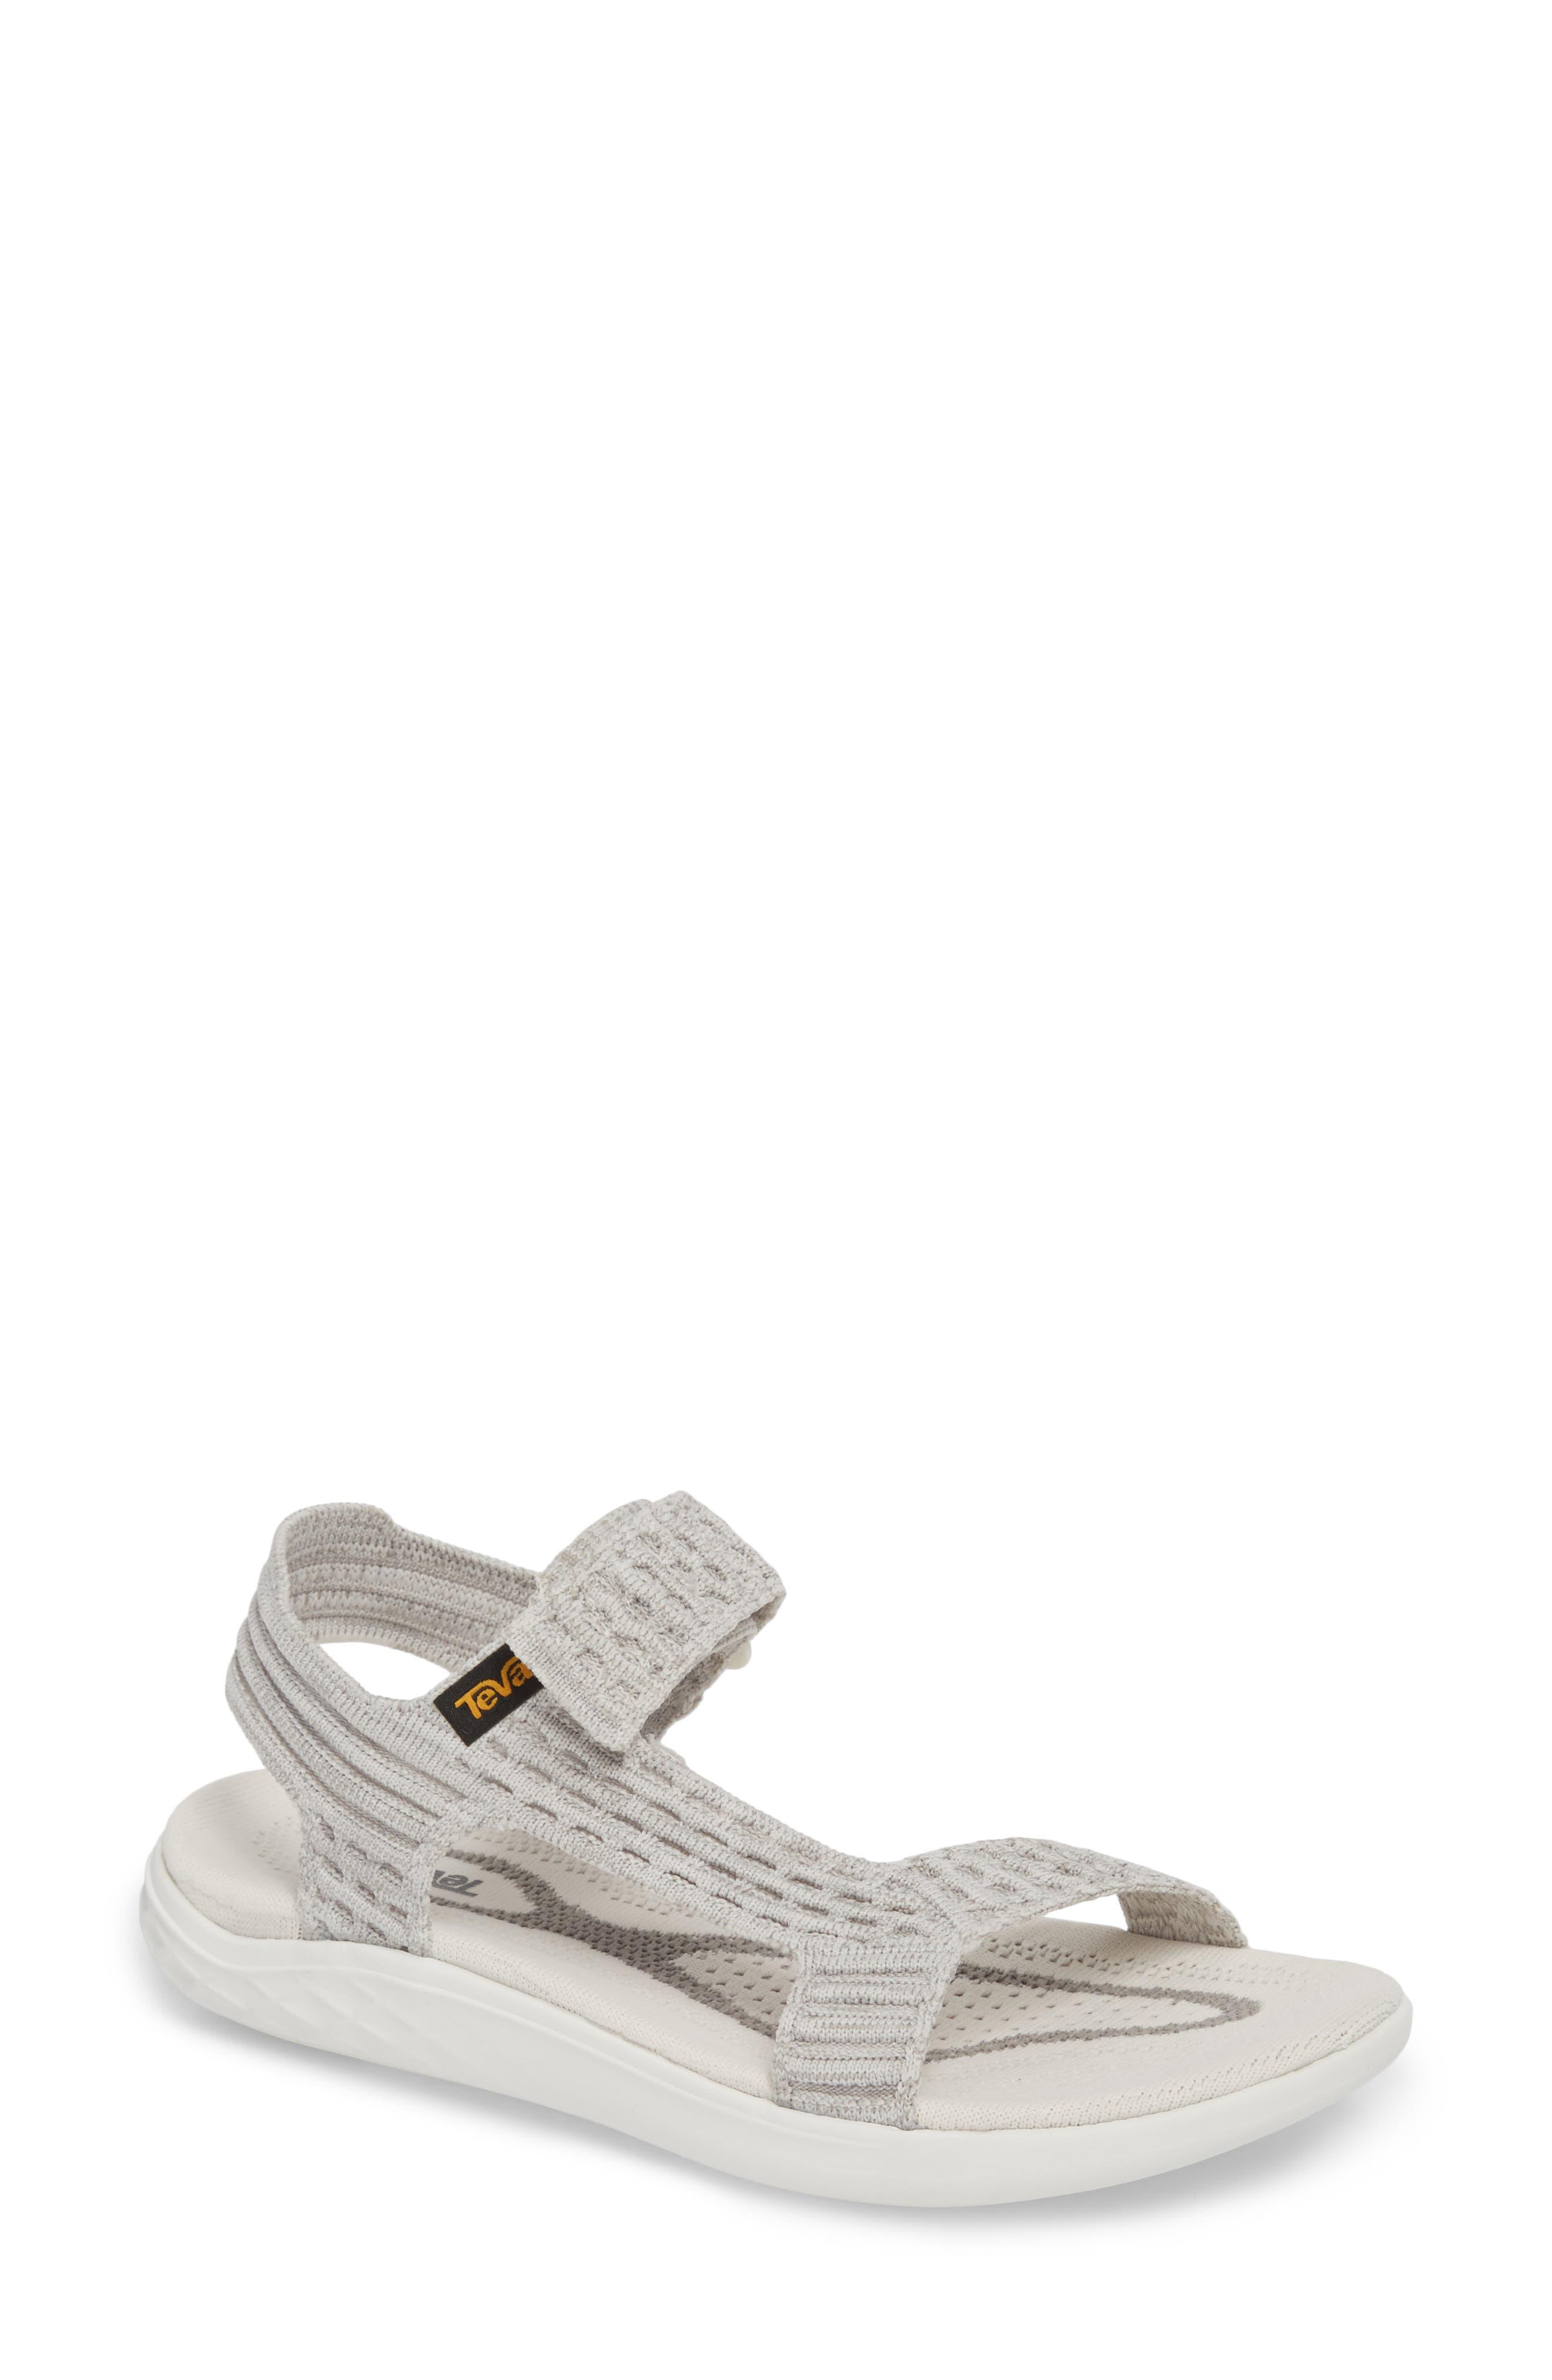 Terra Float 2 Knit Universal Sandal,                             Main thumbnail 1, color,                             Bright White Fabric